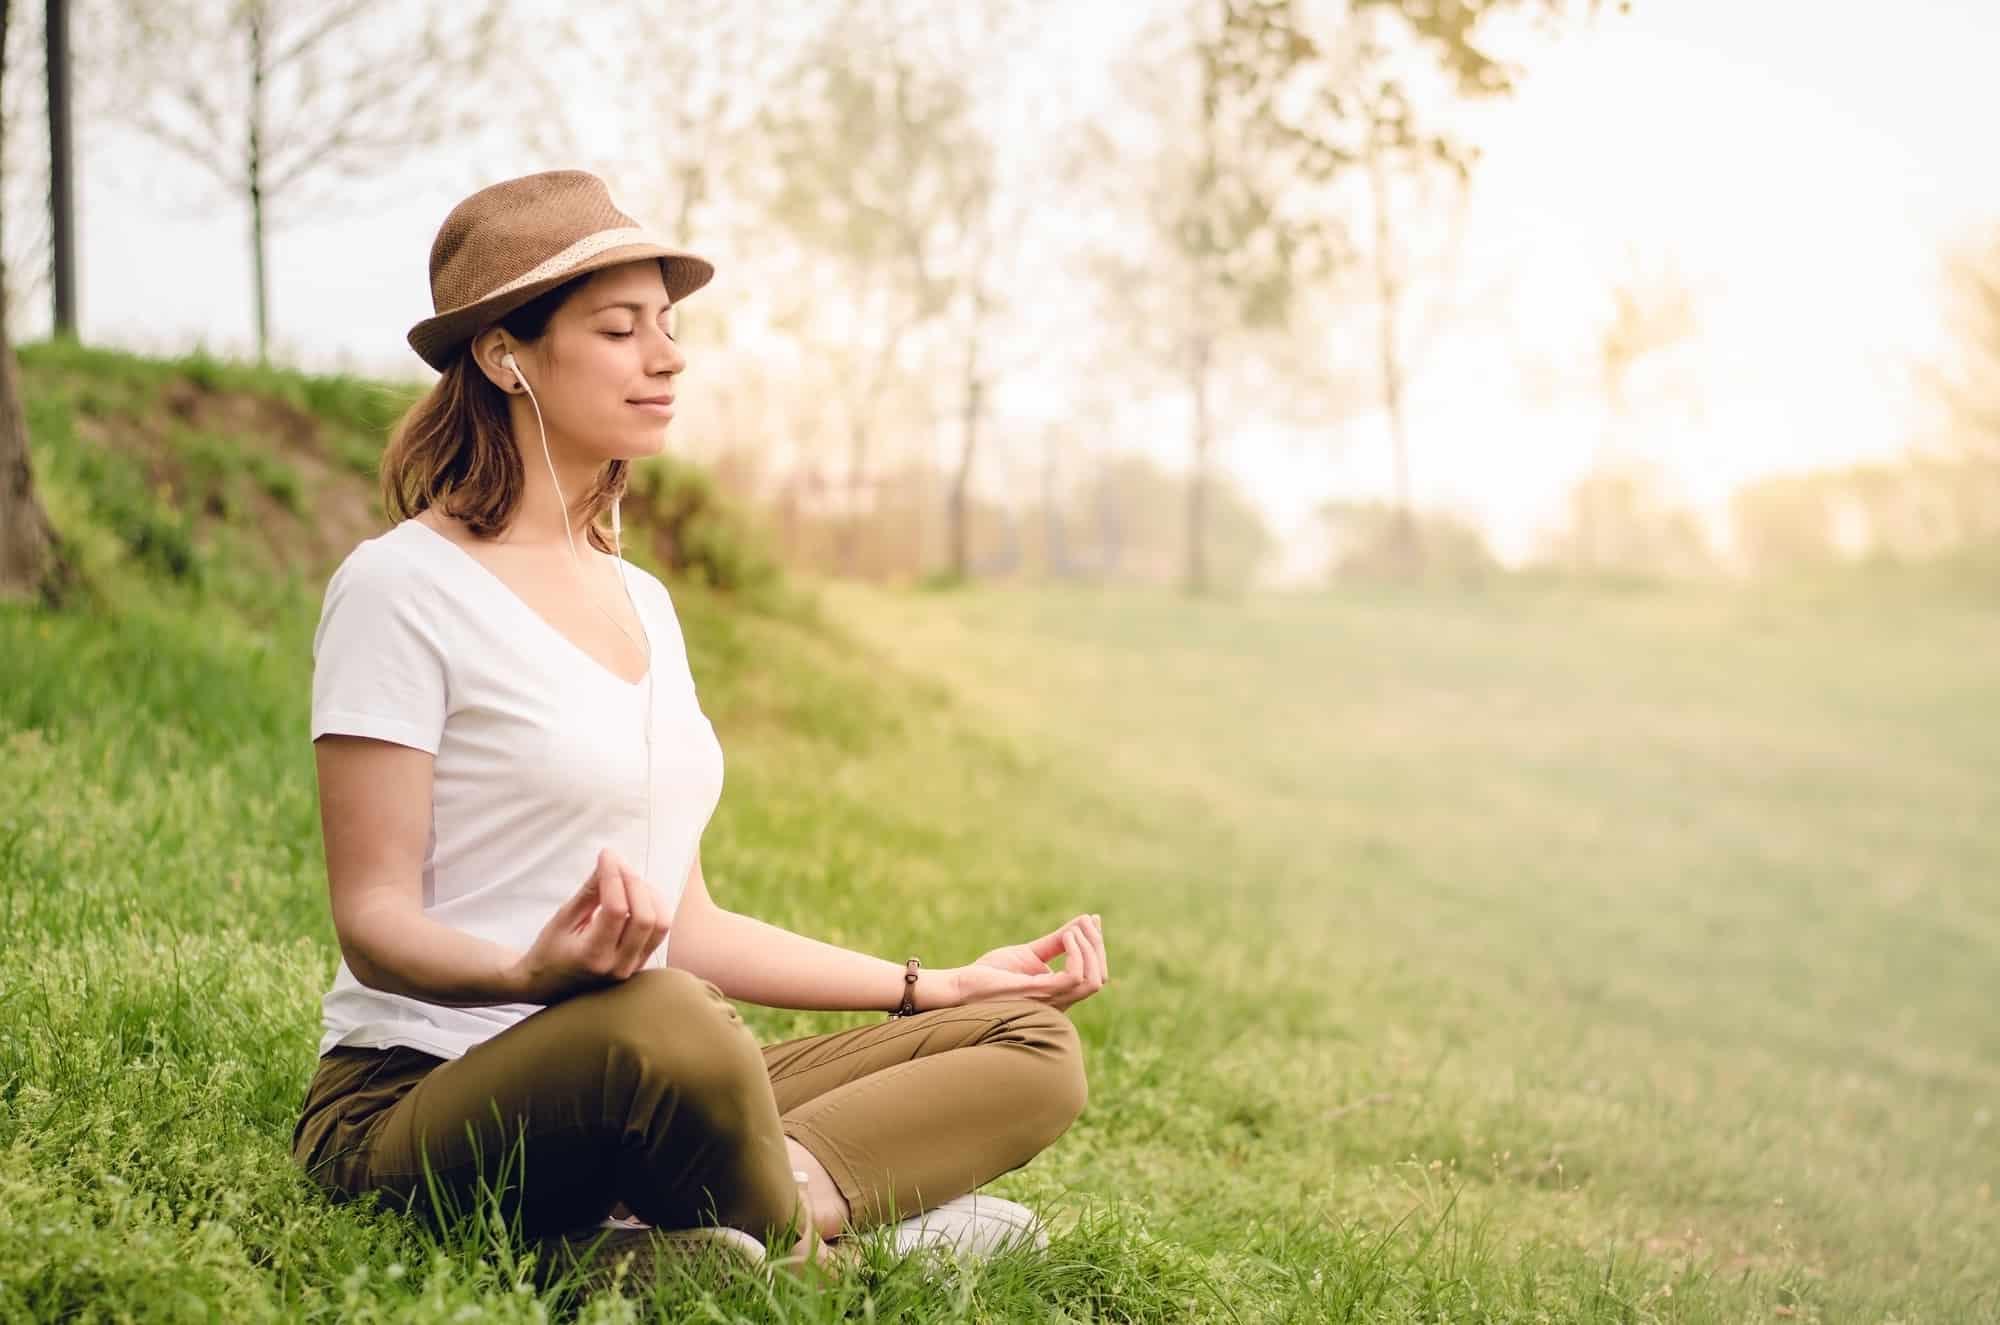 geführte meditation anhören